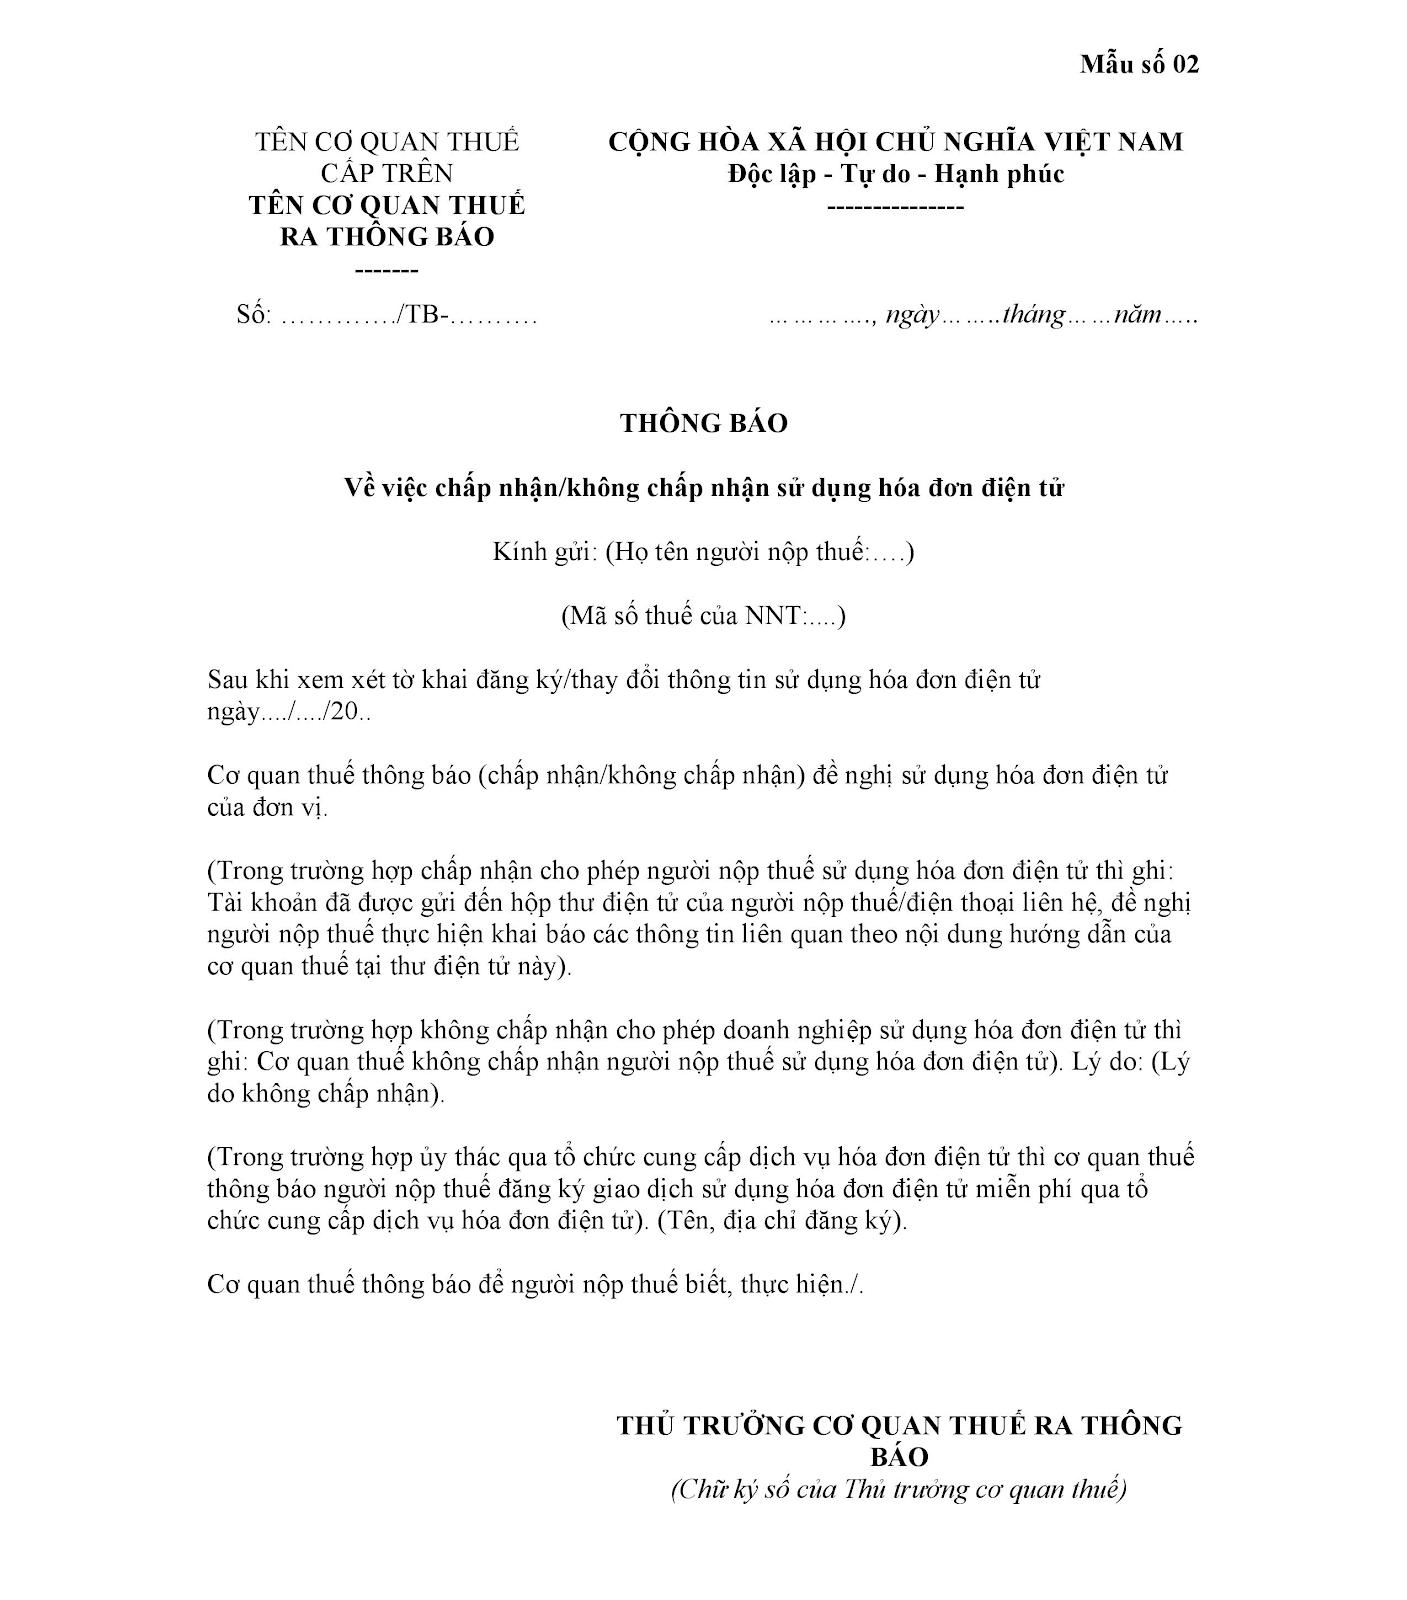 Mẫu số 02 Phụ lục ban hành kèm theo Nghị định 119/NĐ-CP